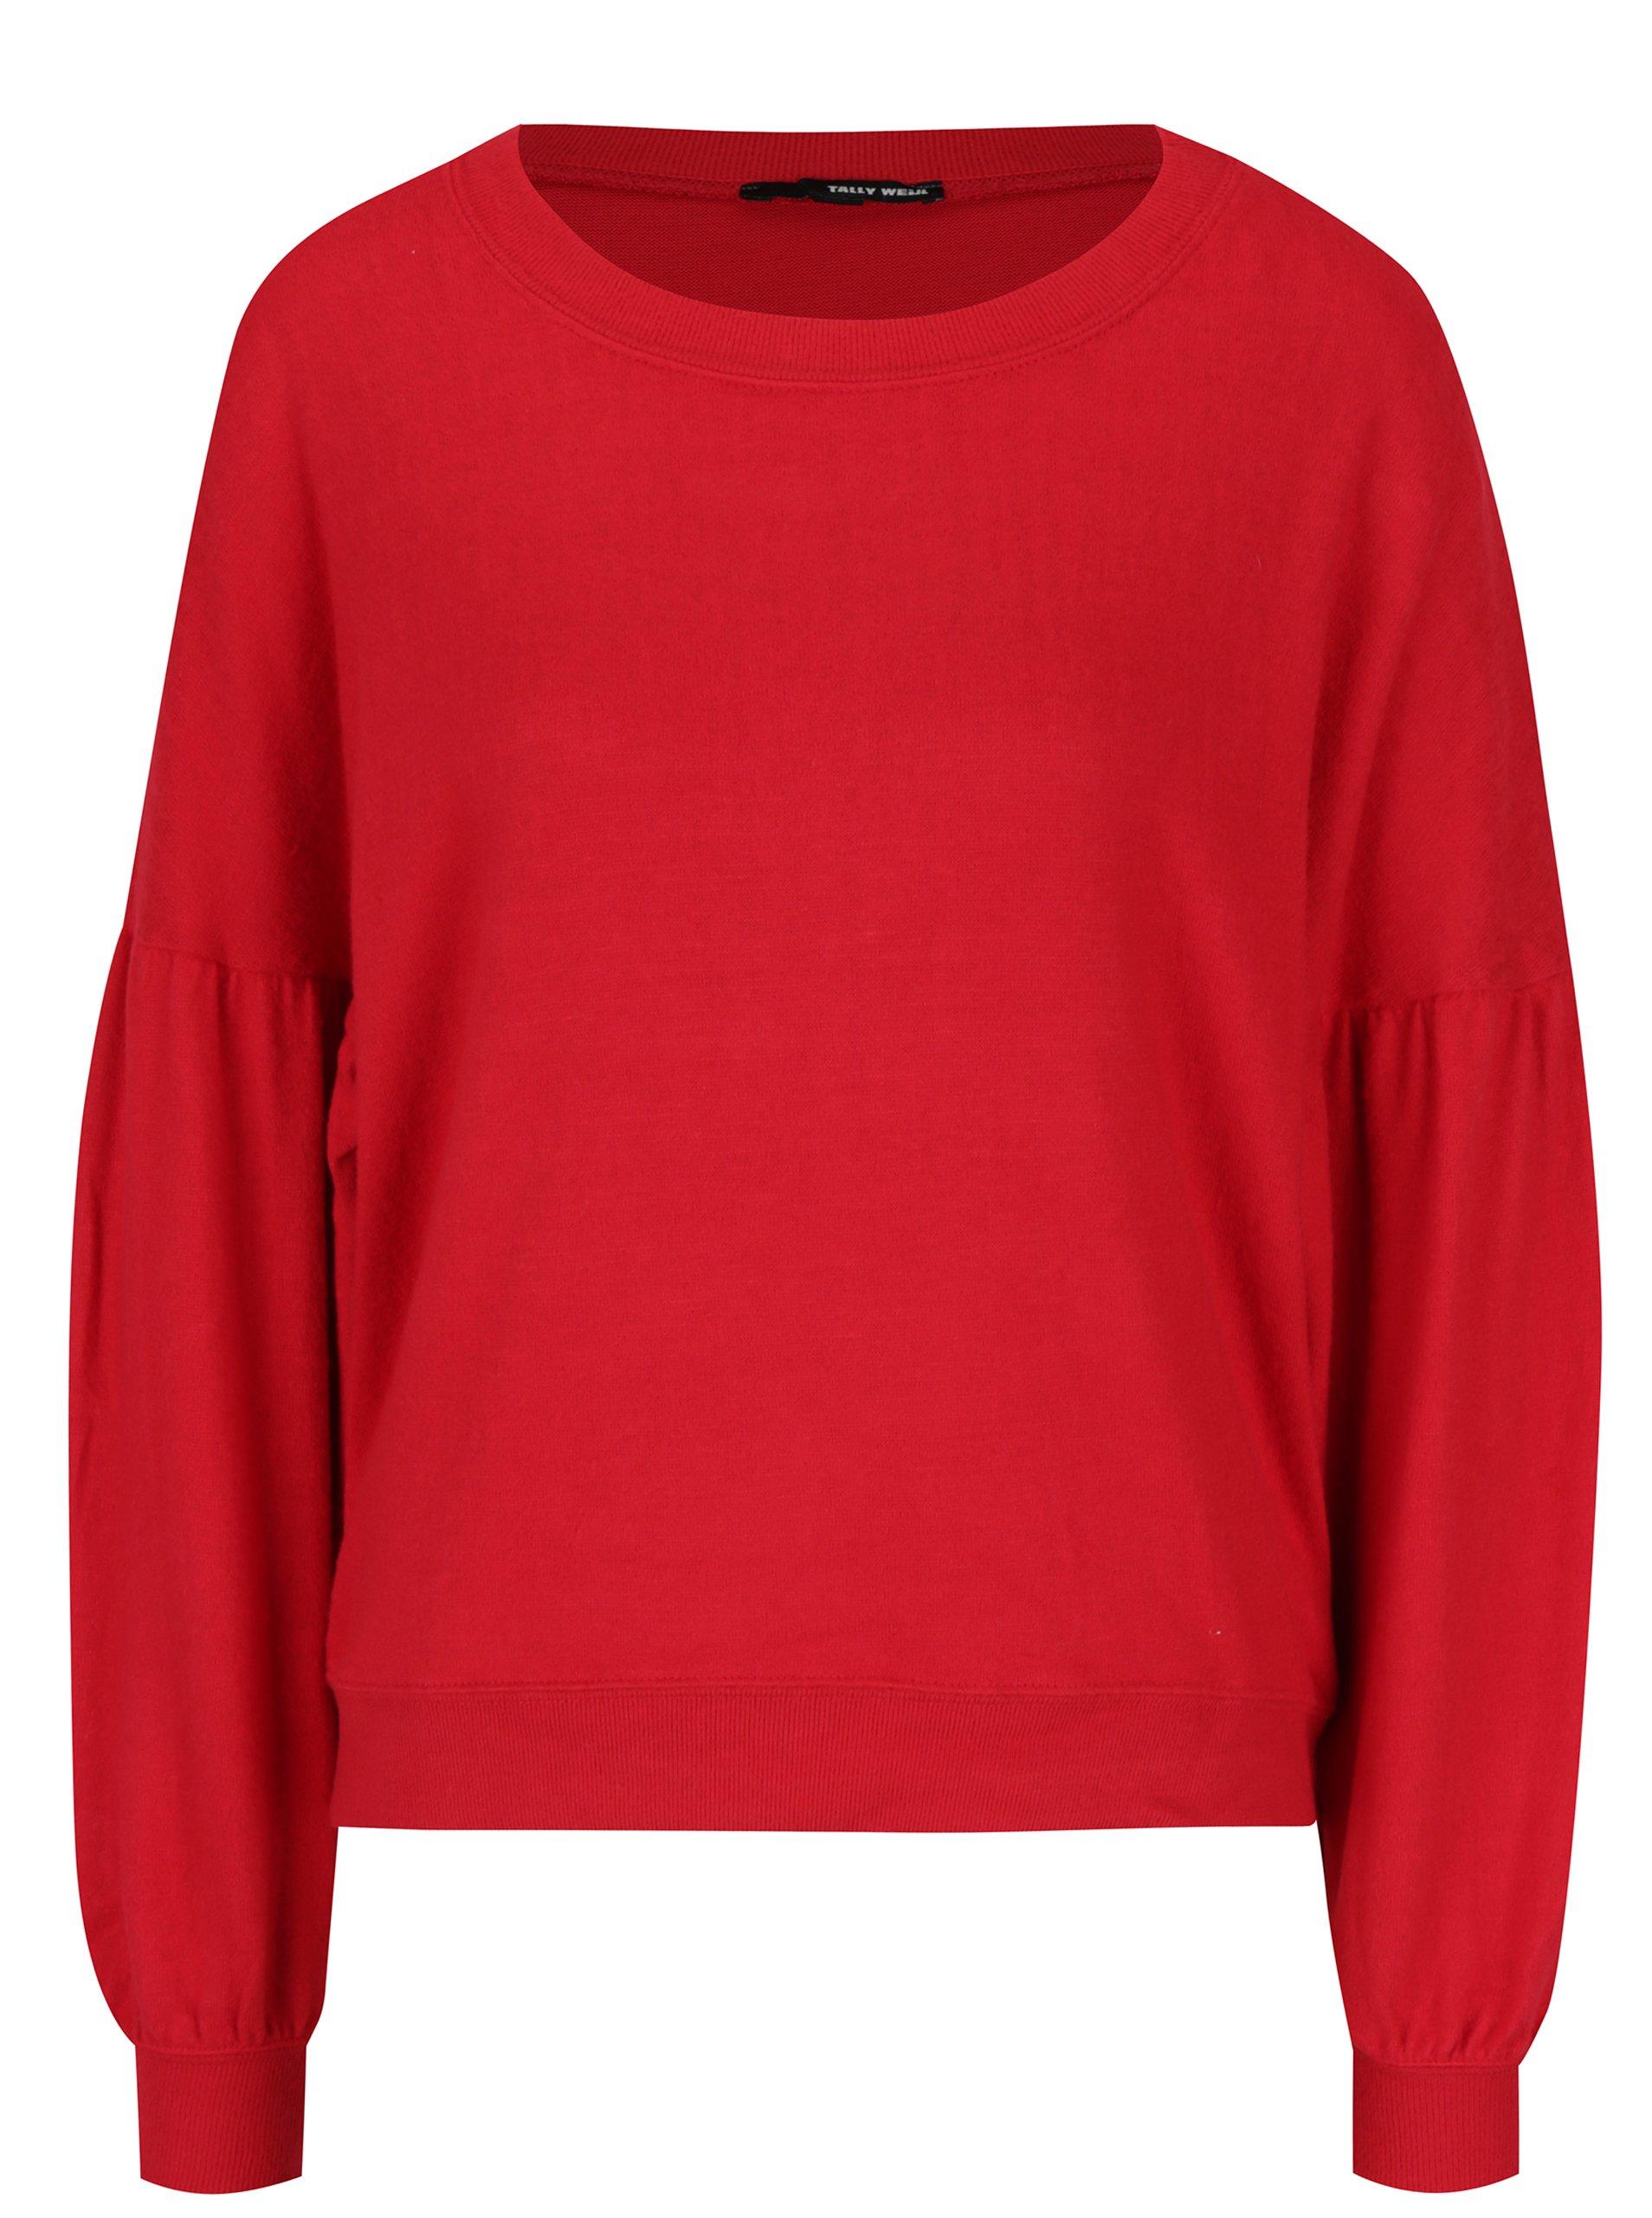 Červený volný svetr s netopýřími rukávy TALLY WEiJL